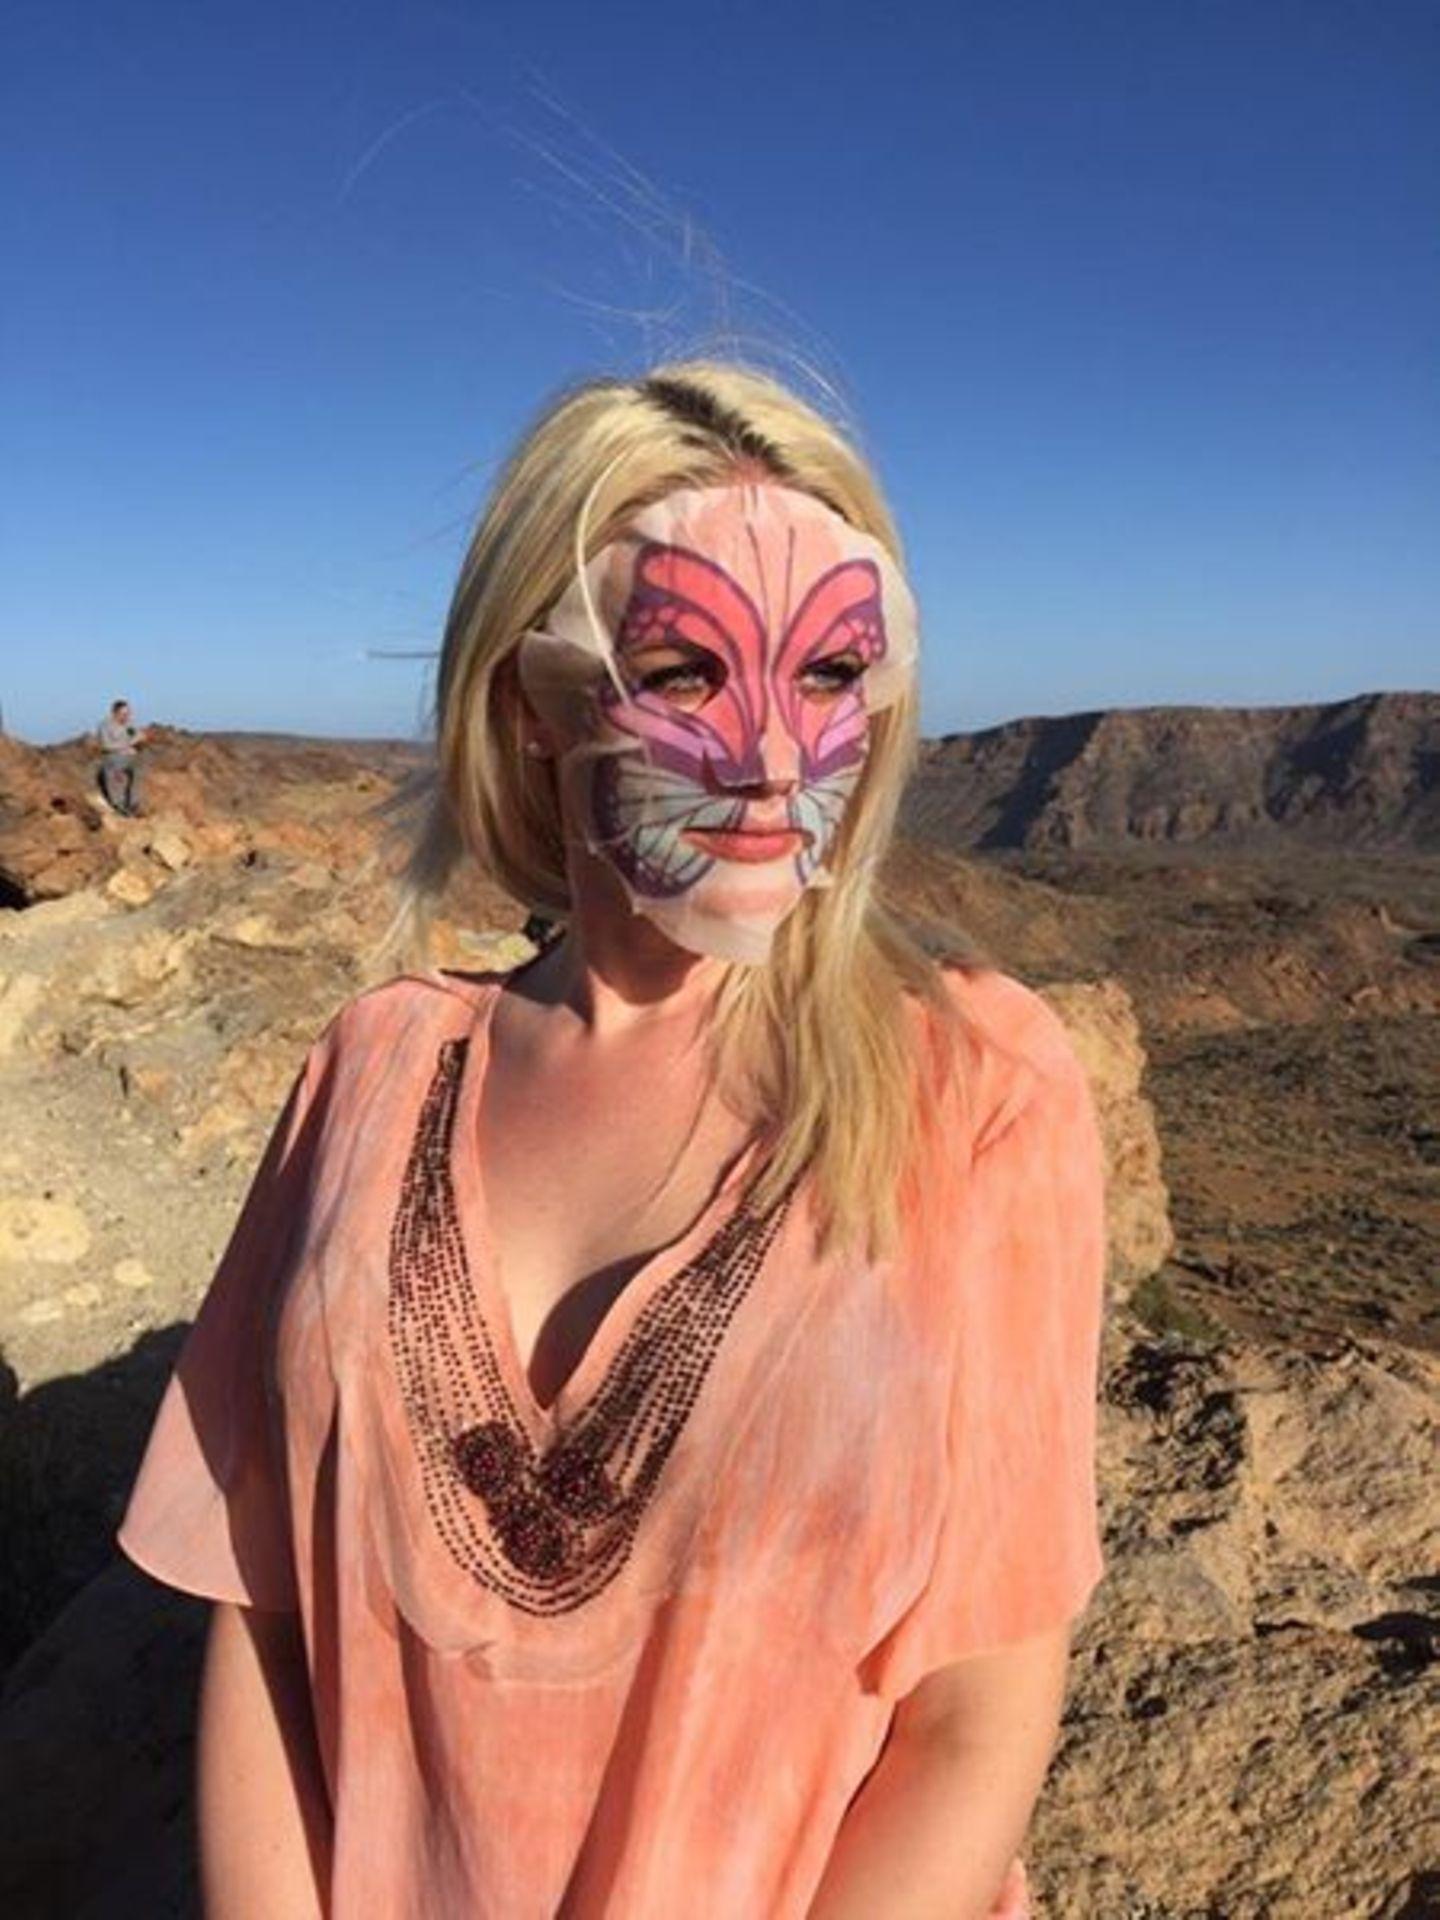 Wer versteckt sich denn hier hinter einer wohltuenden Schmetterlinksmaske? Es ist Ex-GNTM-Teilnehmerin Sarah Knappik, die ihrer Haut im Urlaub etwas Gutes tut.